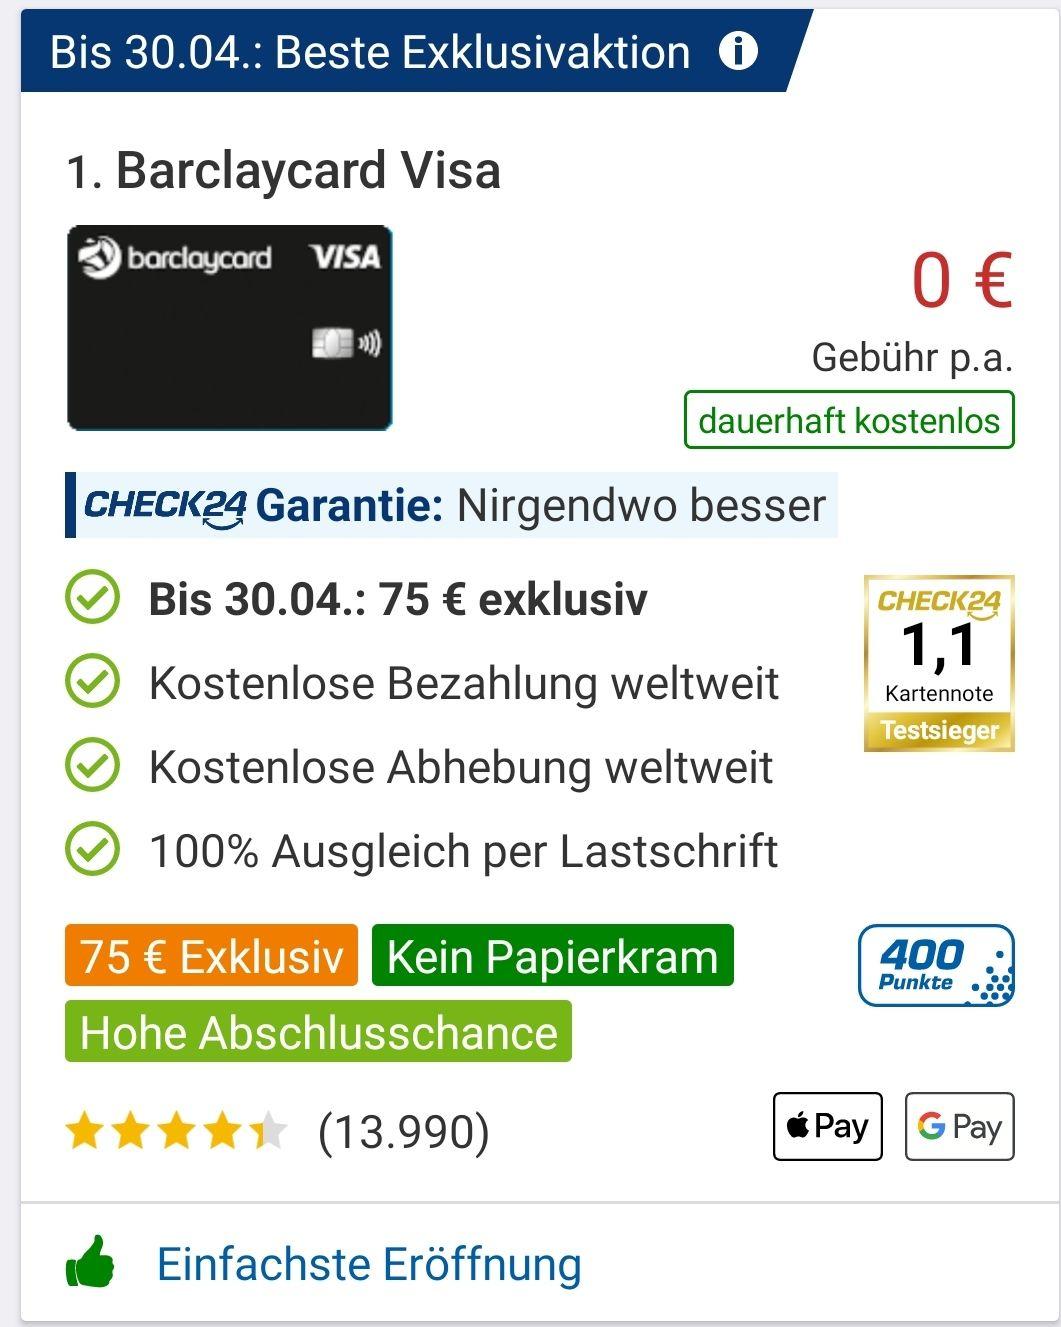 Für Neukunden: Barclaycard Visa mit 79€ Prämie (75€ Bonus plus 400 Punkte, entspr. 4€)